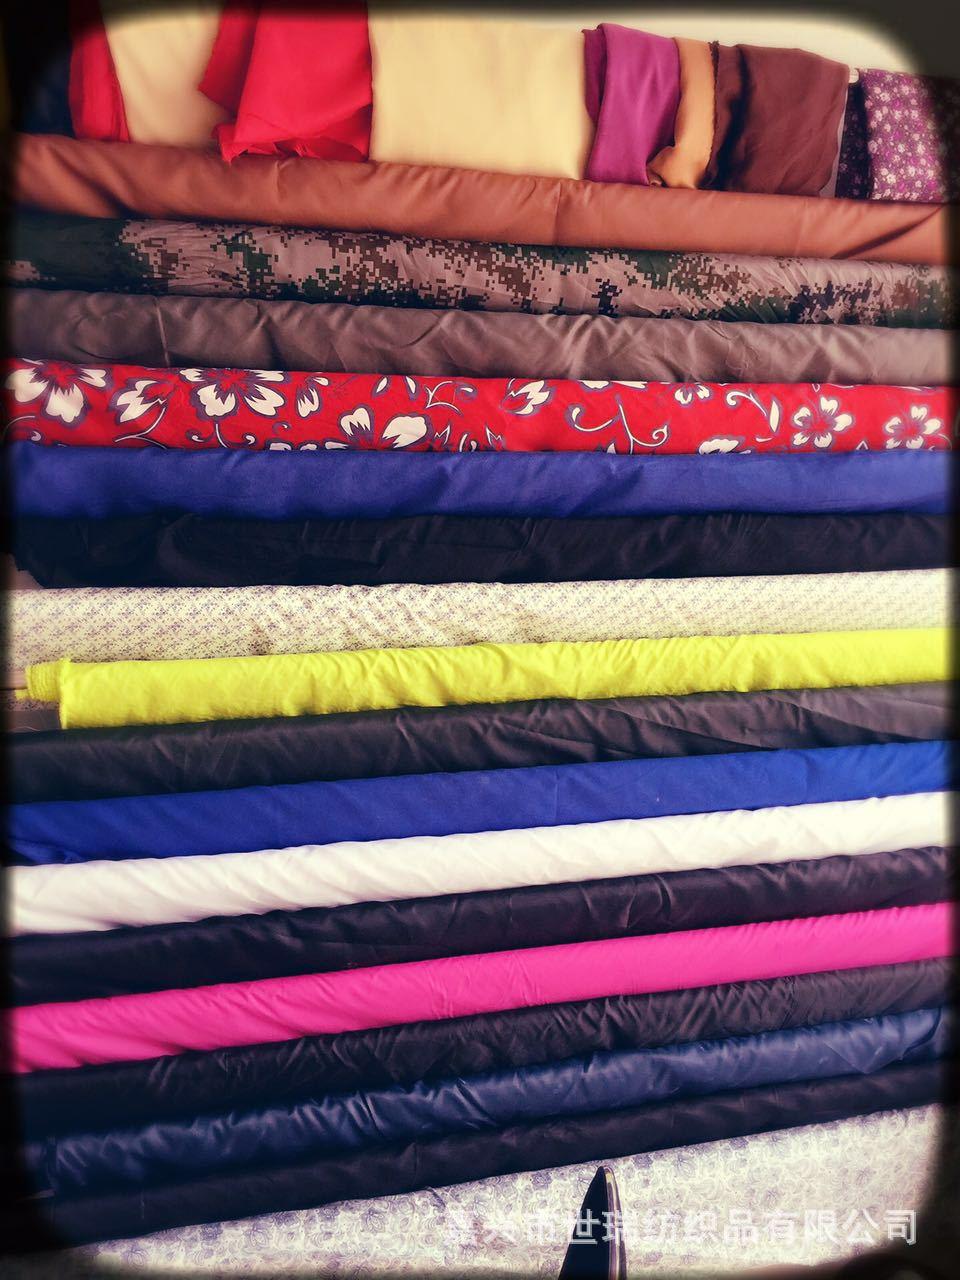 Nhà sản xuất bán buôn hàng 260T toàn chơi Xuân A - xe quần áo vải mộc luggage Xuân A - spun vải mộc